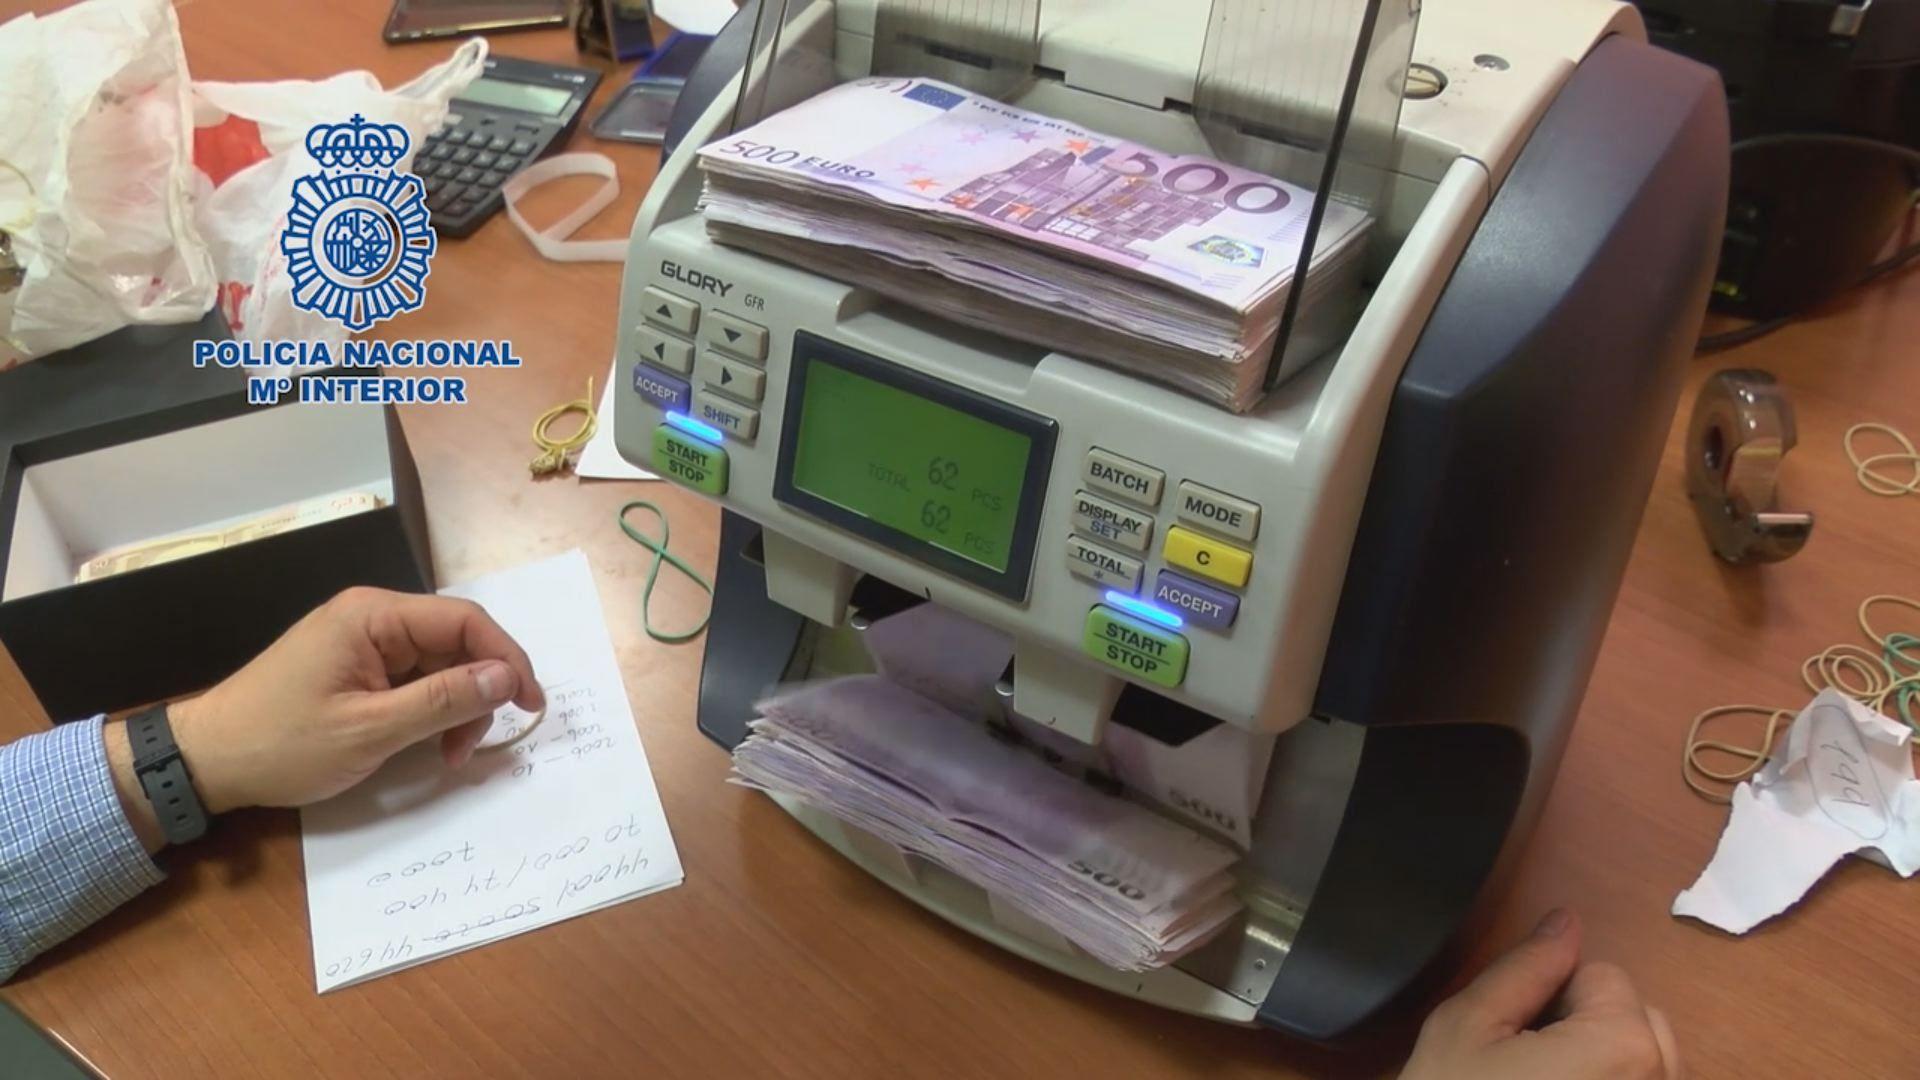 Destapan un fraude a la Seguridad Social de 27,5 millones que afecta a 17 provincias, entre ella.Sorteo de Loteria